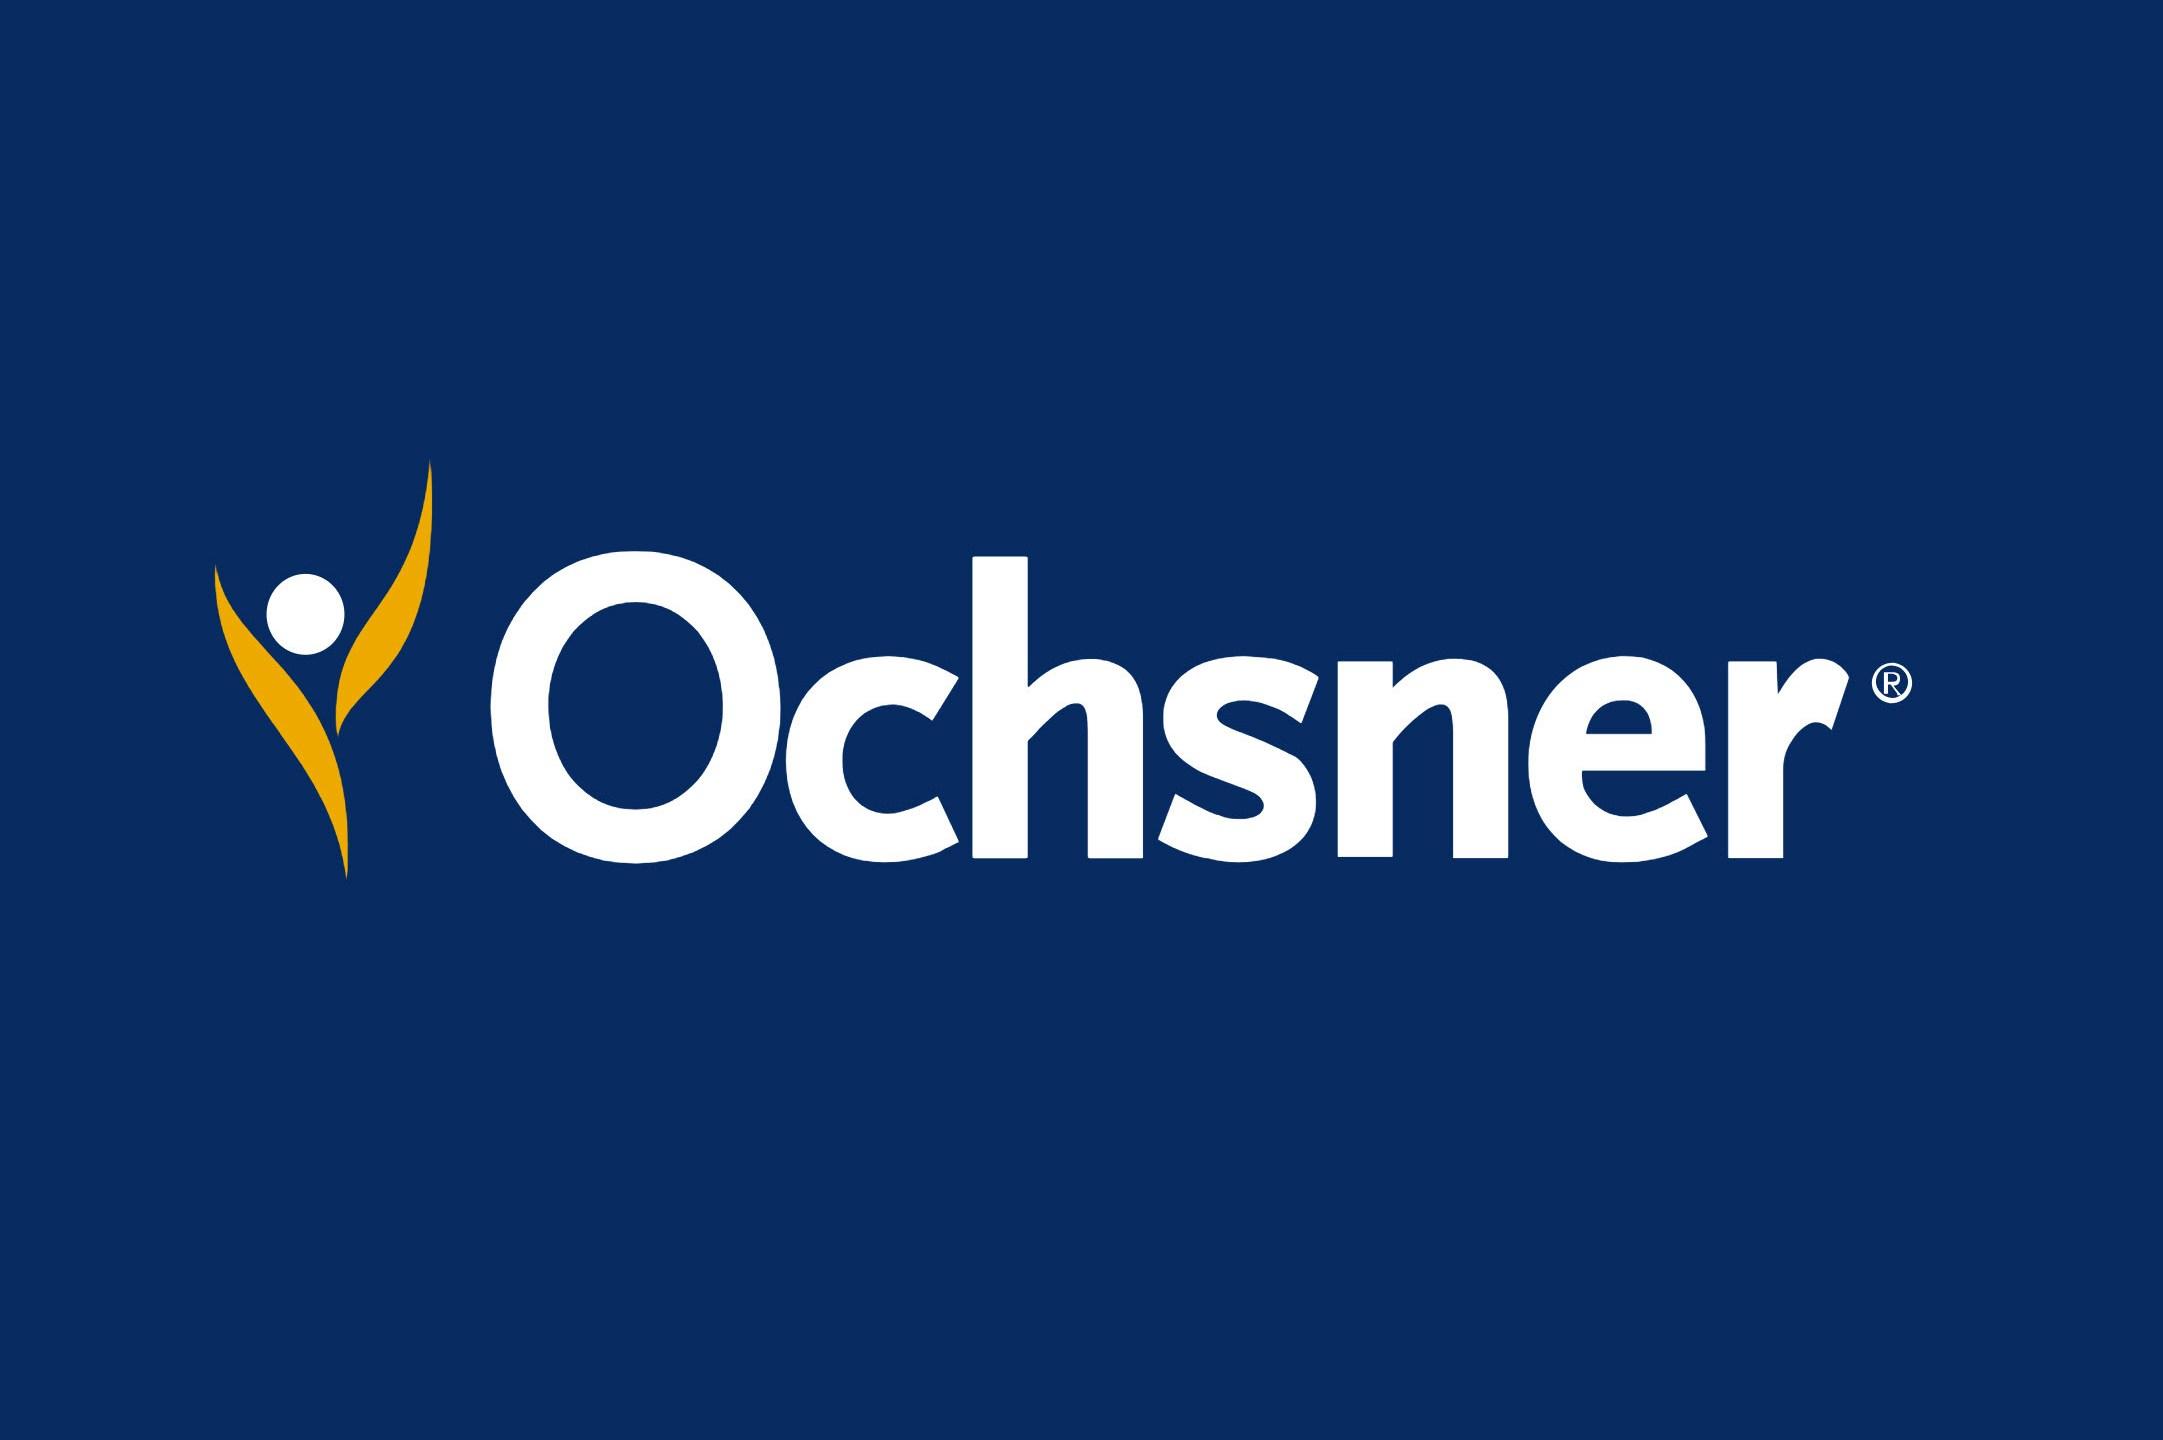 Ochsner-Logo-Square_1553131191388.jpg